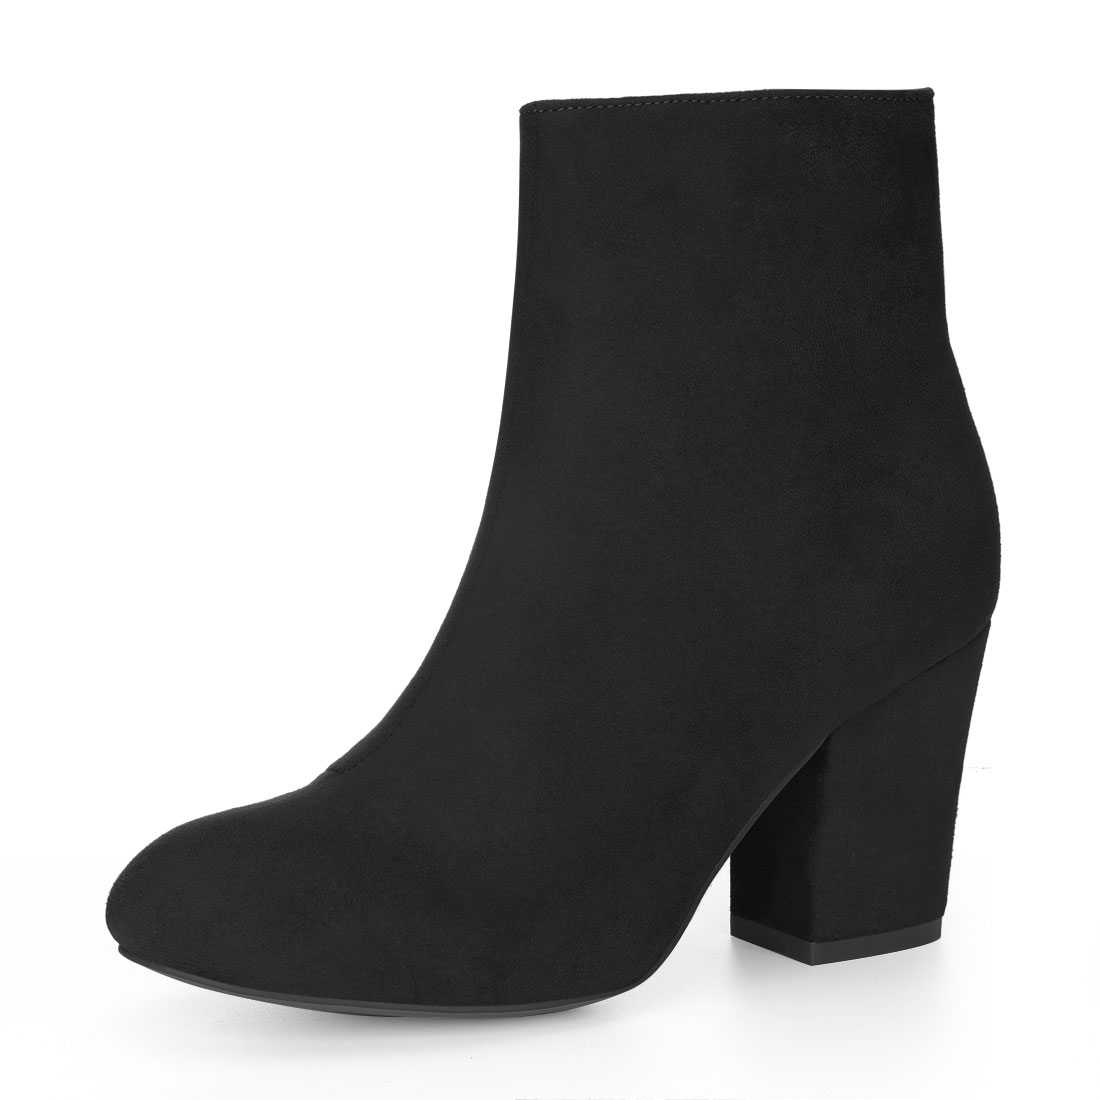 Allegra K Women Round Toe Side Zipper Block Heel Ankle Boots Black US 7